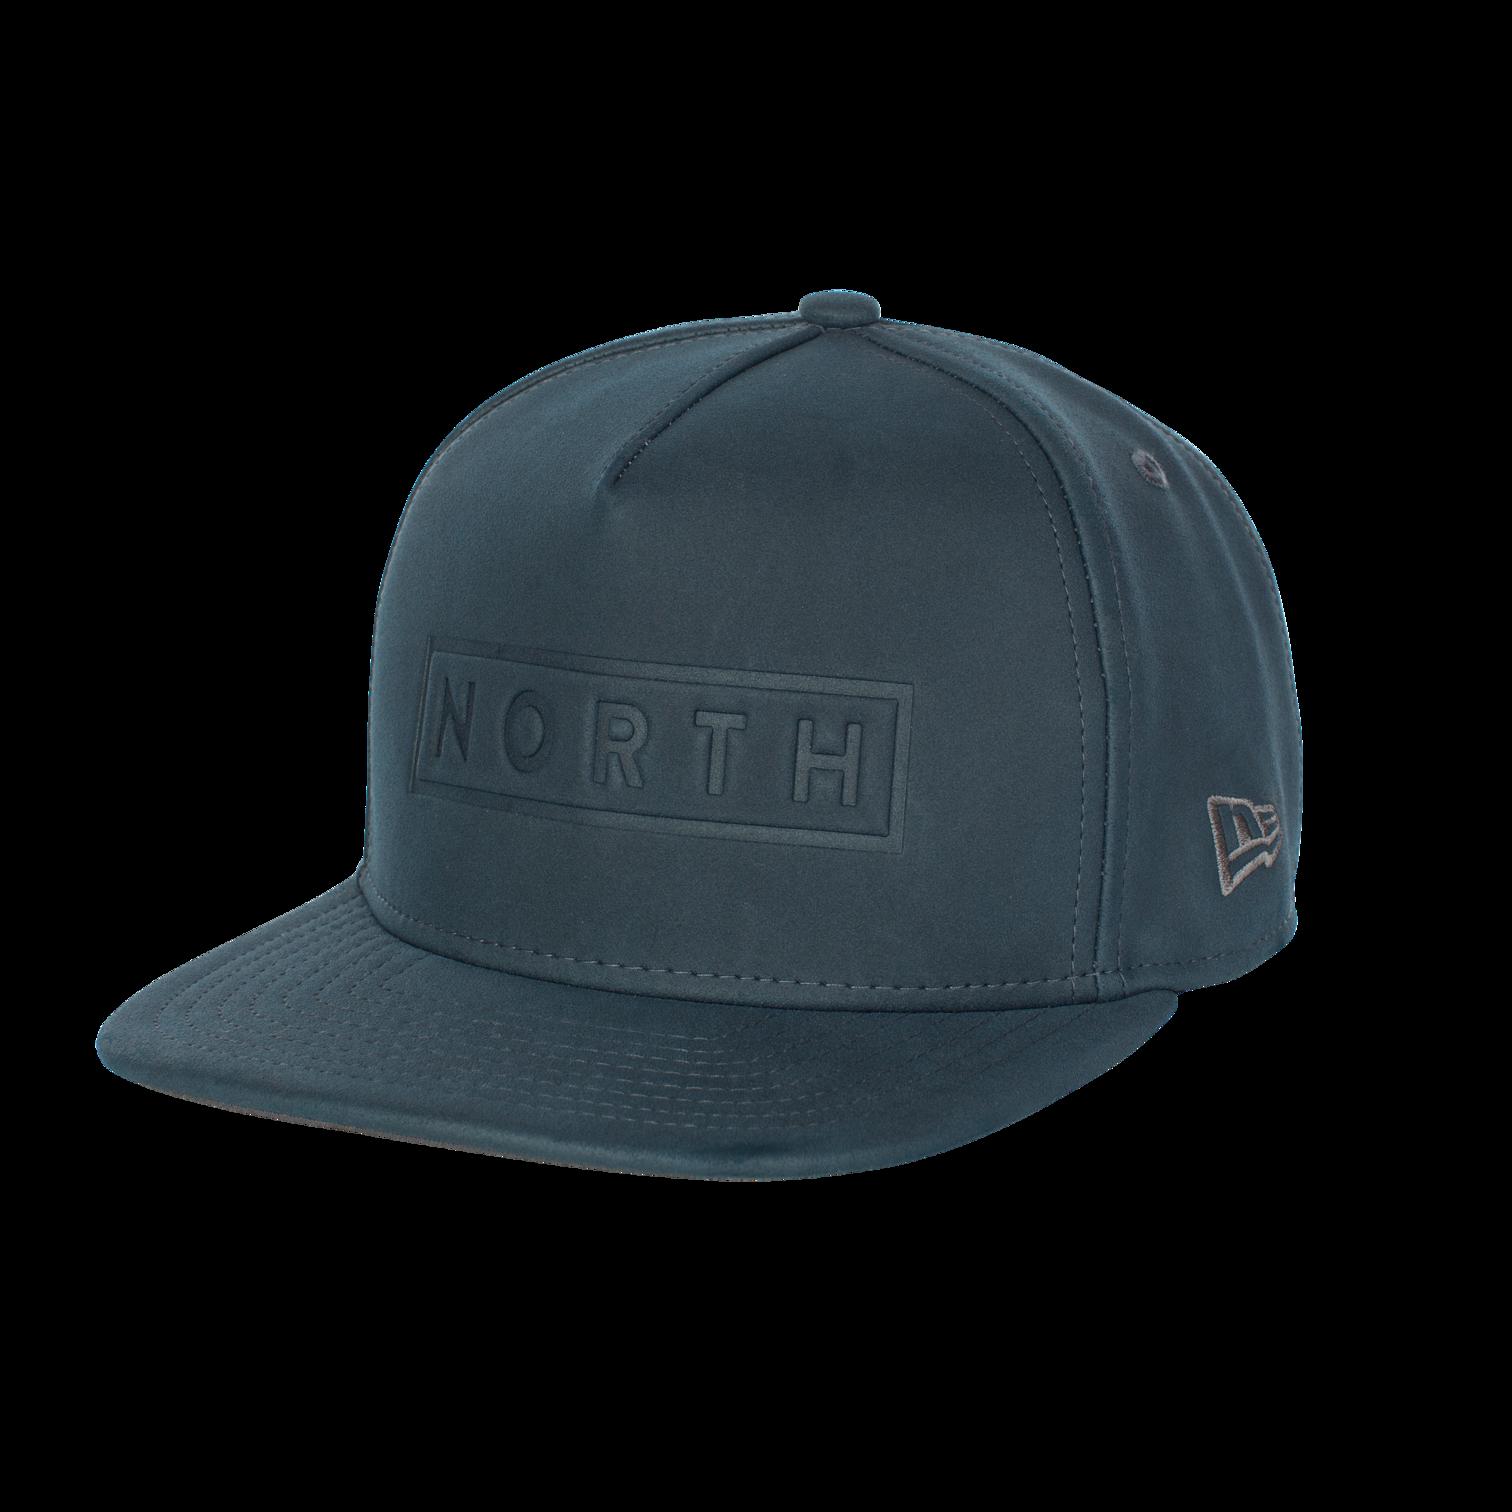 NEW ERA CAP - NORTH